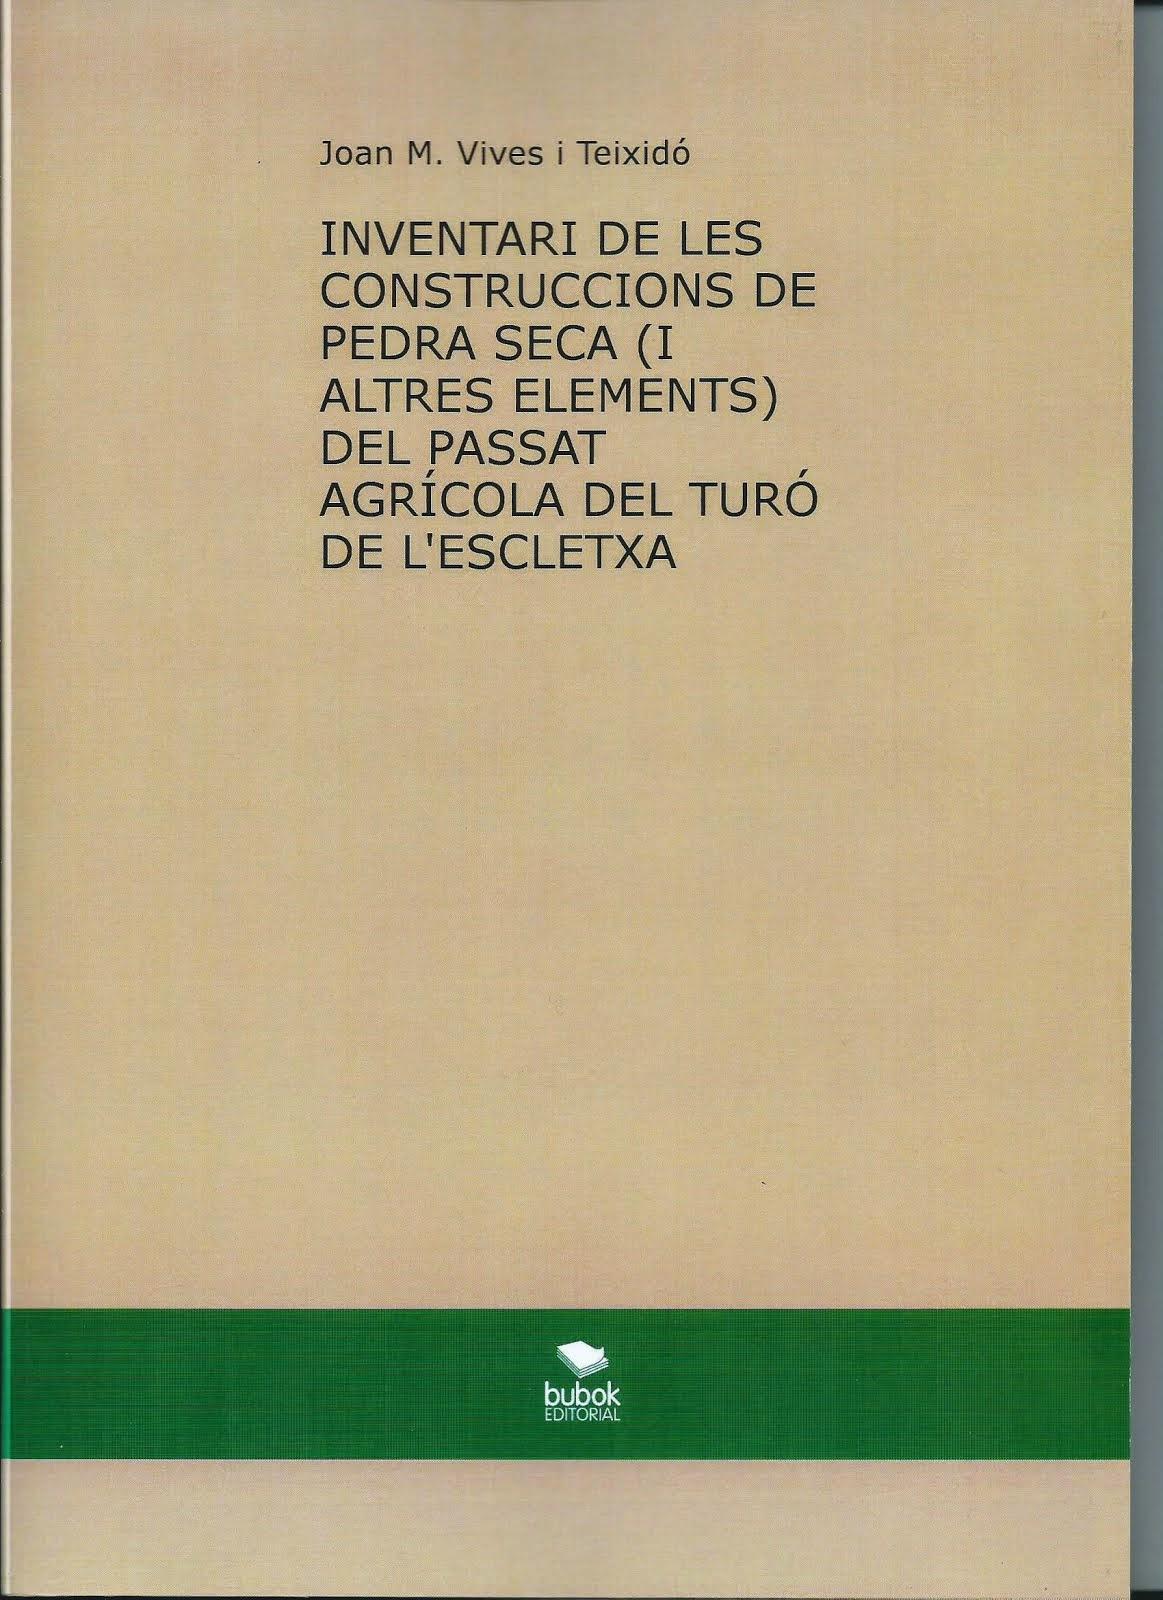 INVENTARI DE LES CONSTRUCCIONS DE PEDRA SECA DEL TURÓ DE L'ESCLETXA